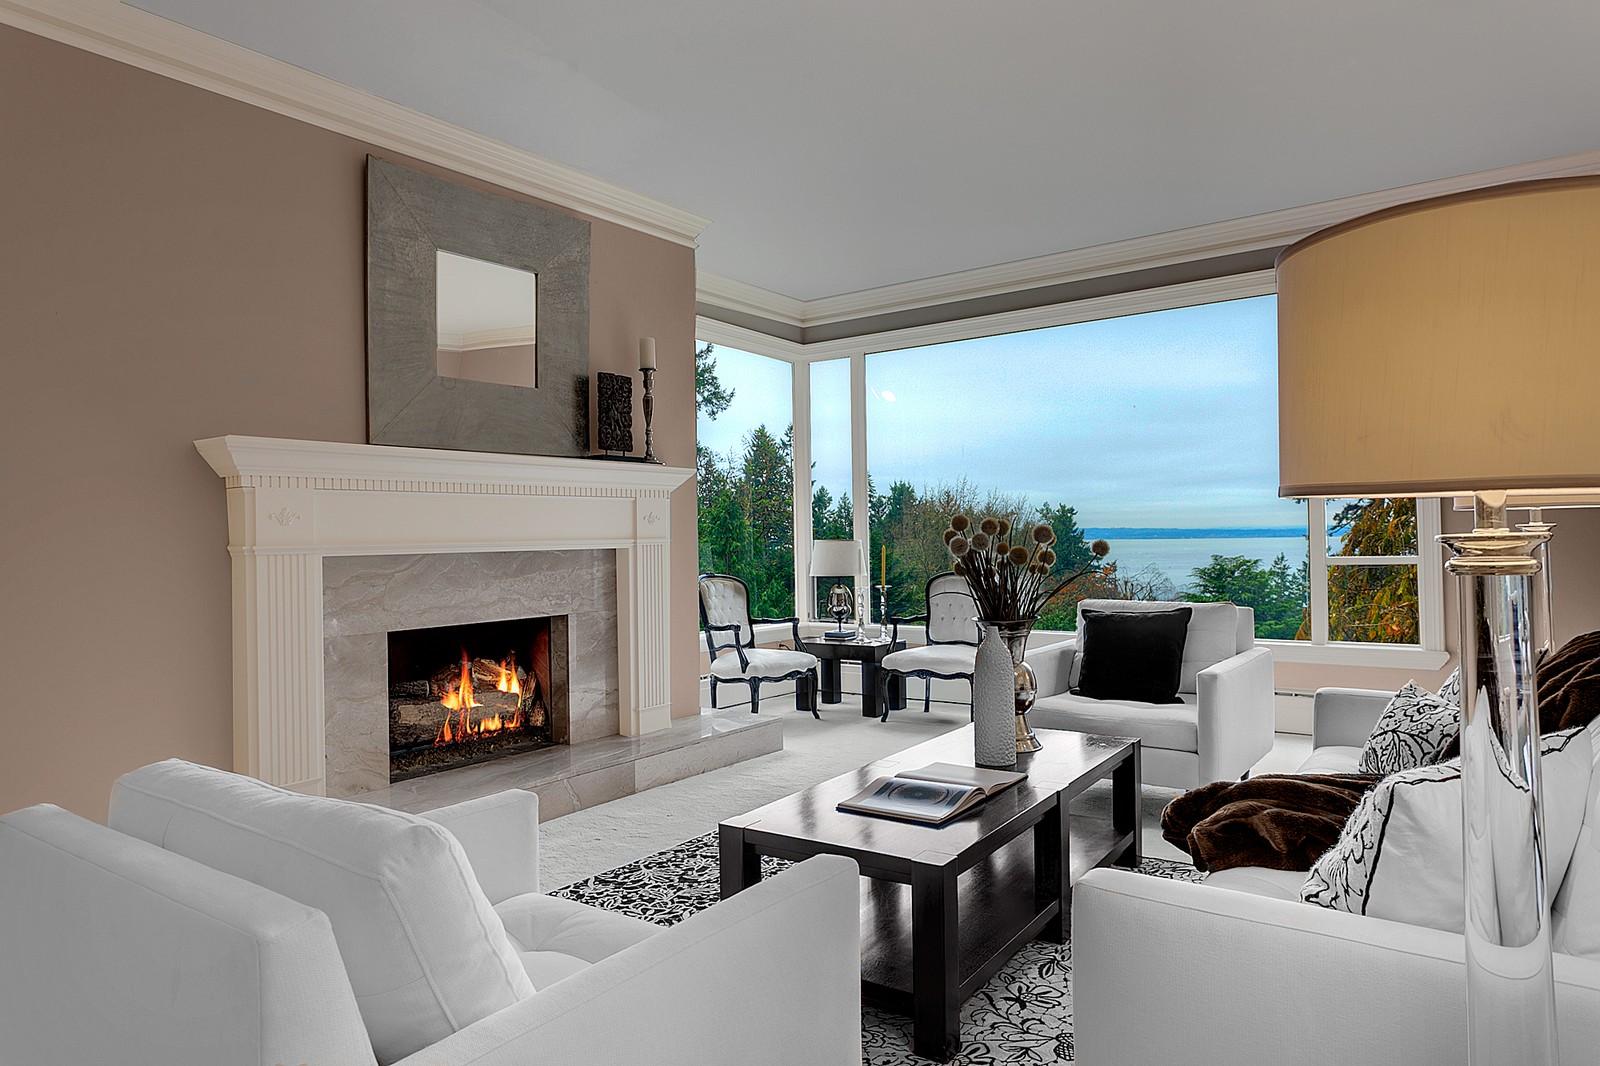 단독 가정 주택 용 매매 에 Traditional Highlands Home 12 Olympic Dr NW The Highlands, Seattle, 워싱톤, 98177 미국